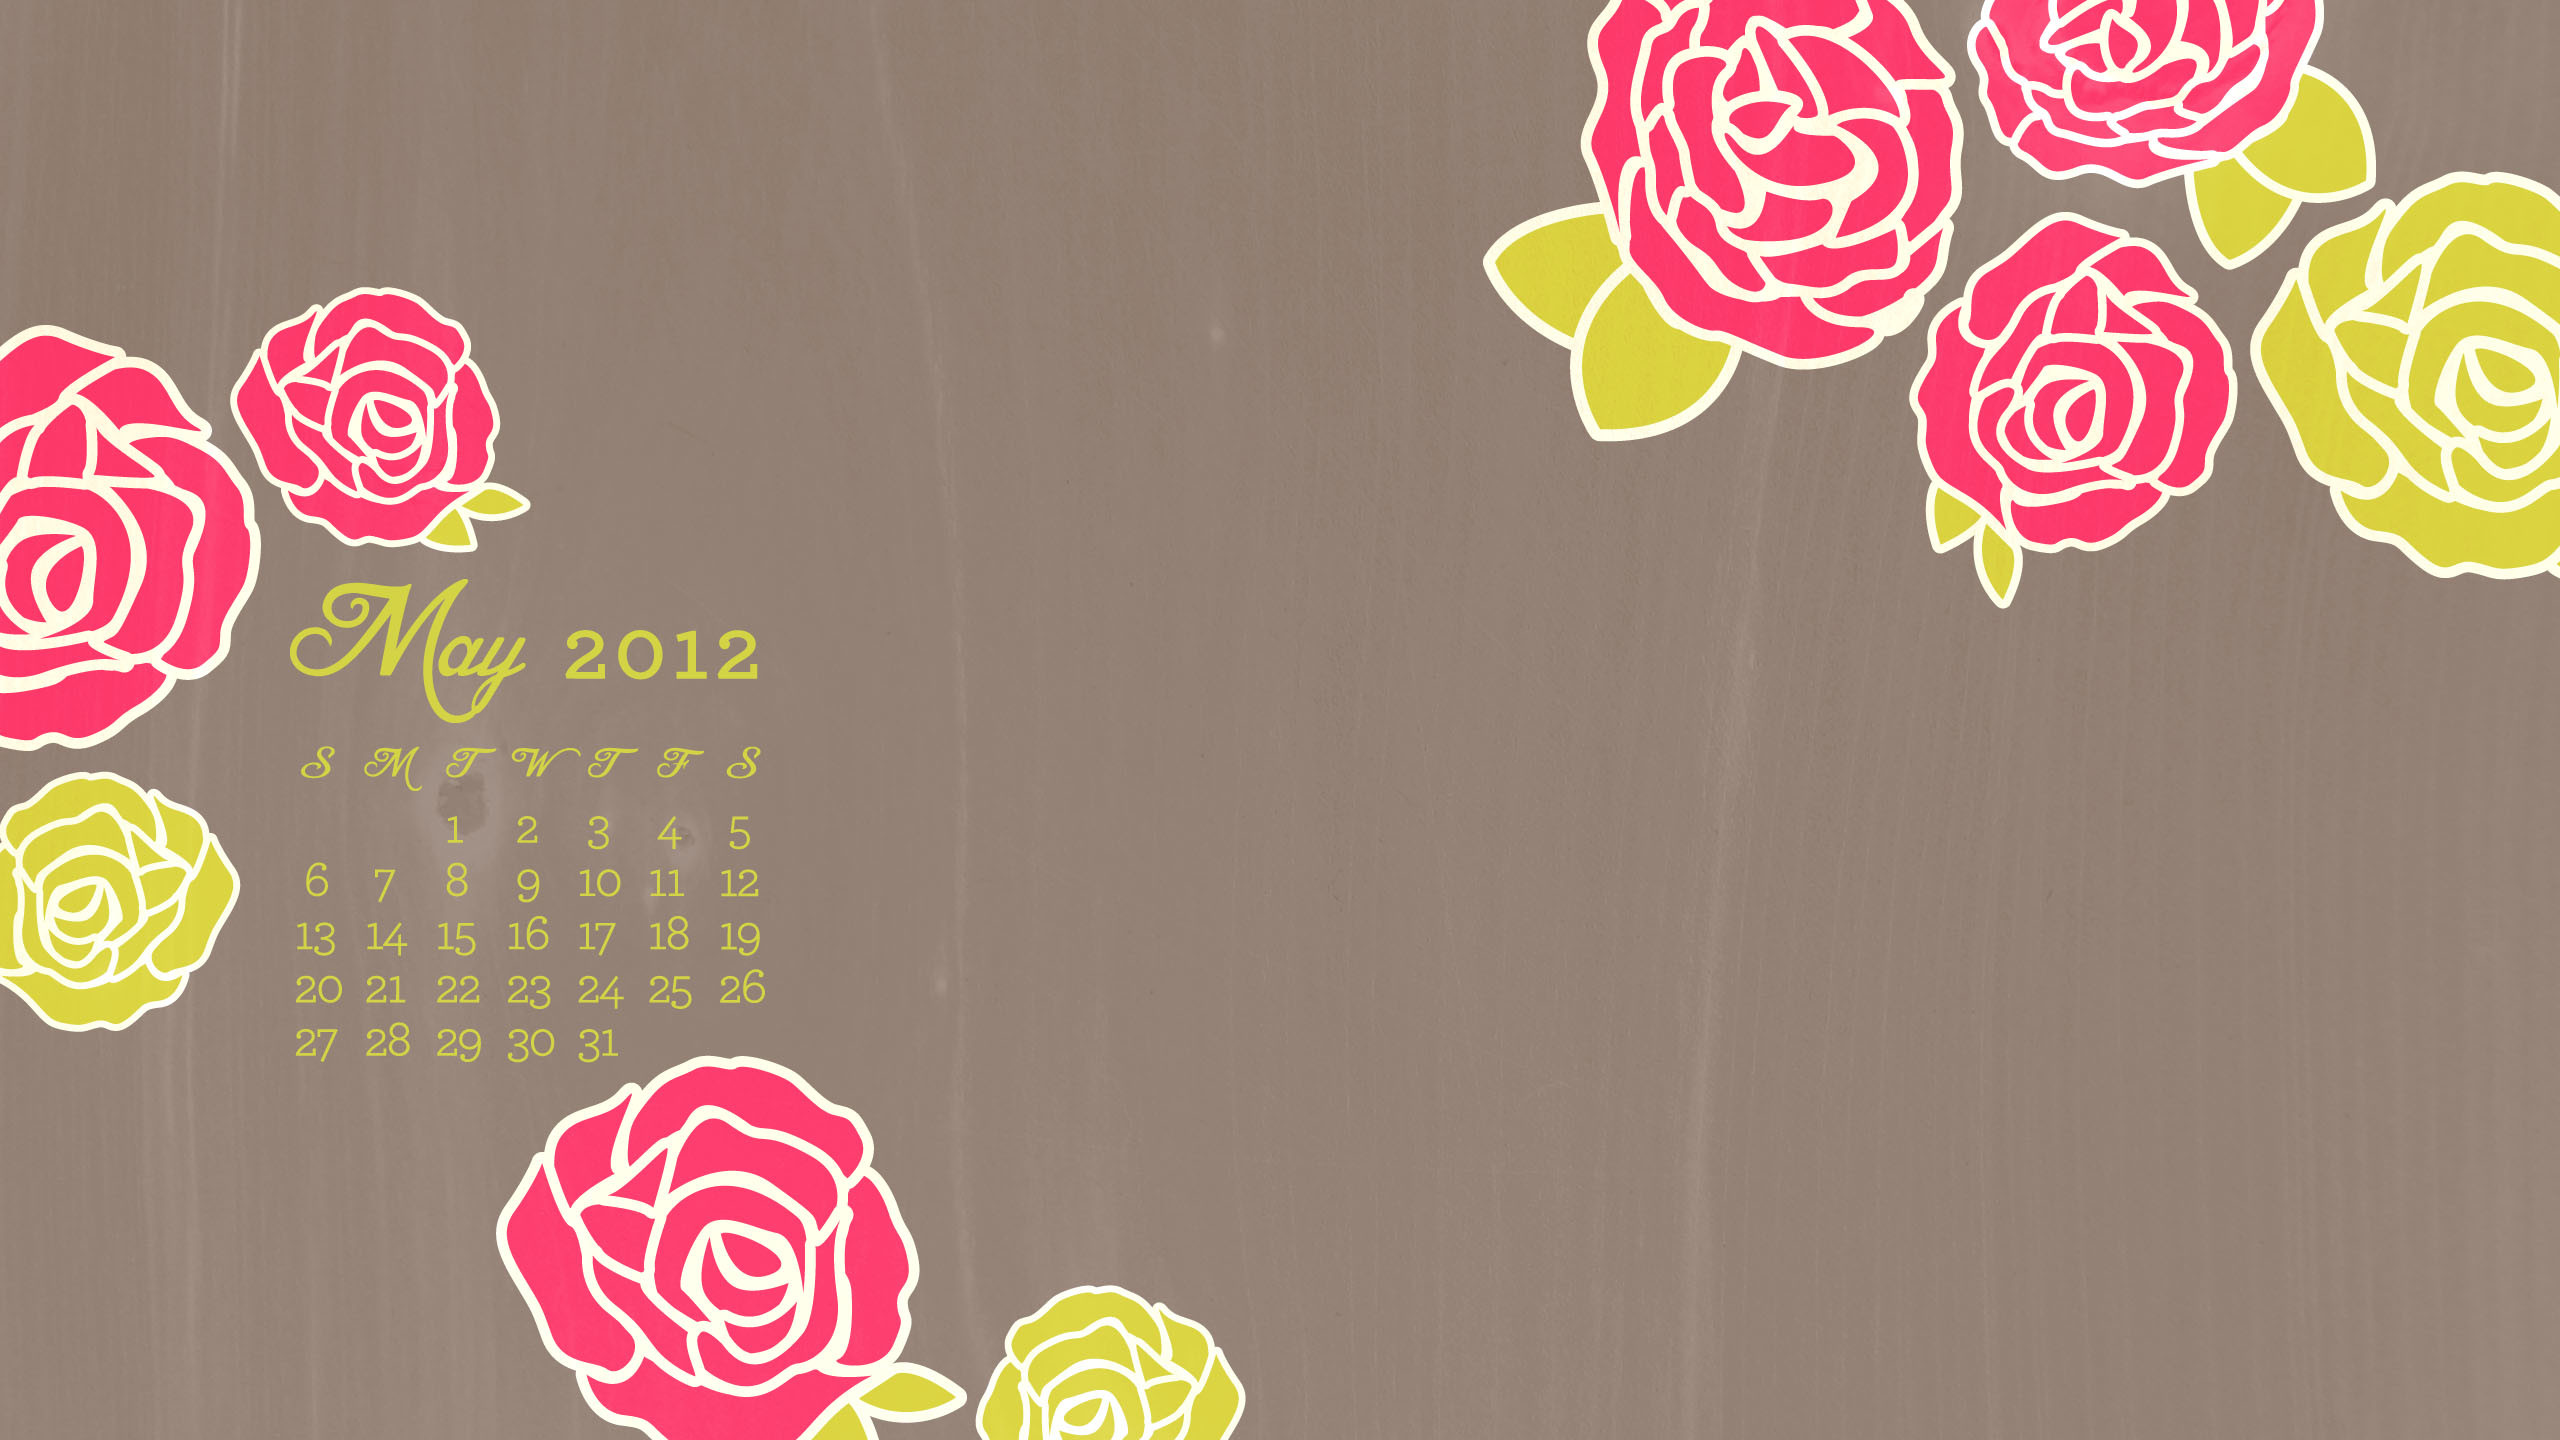 2560 x 1440 with calendar